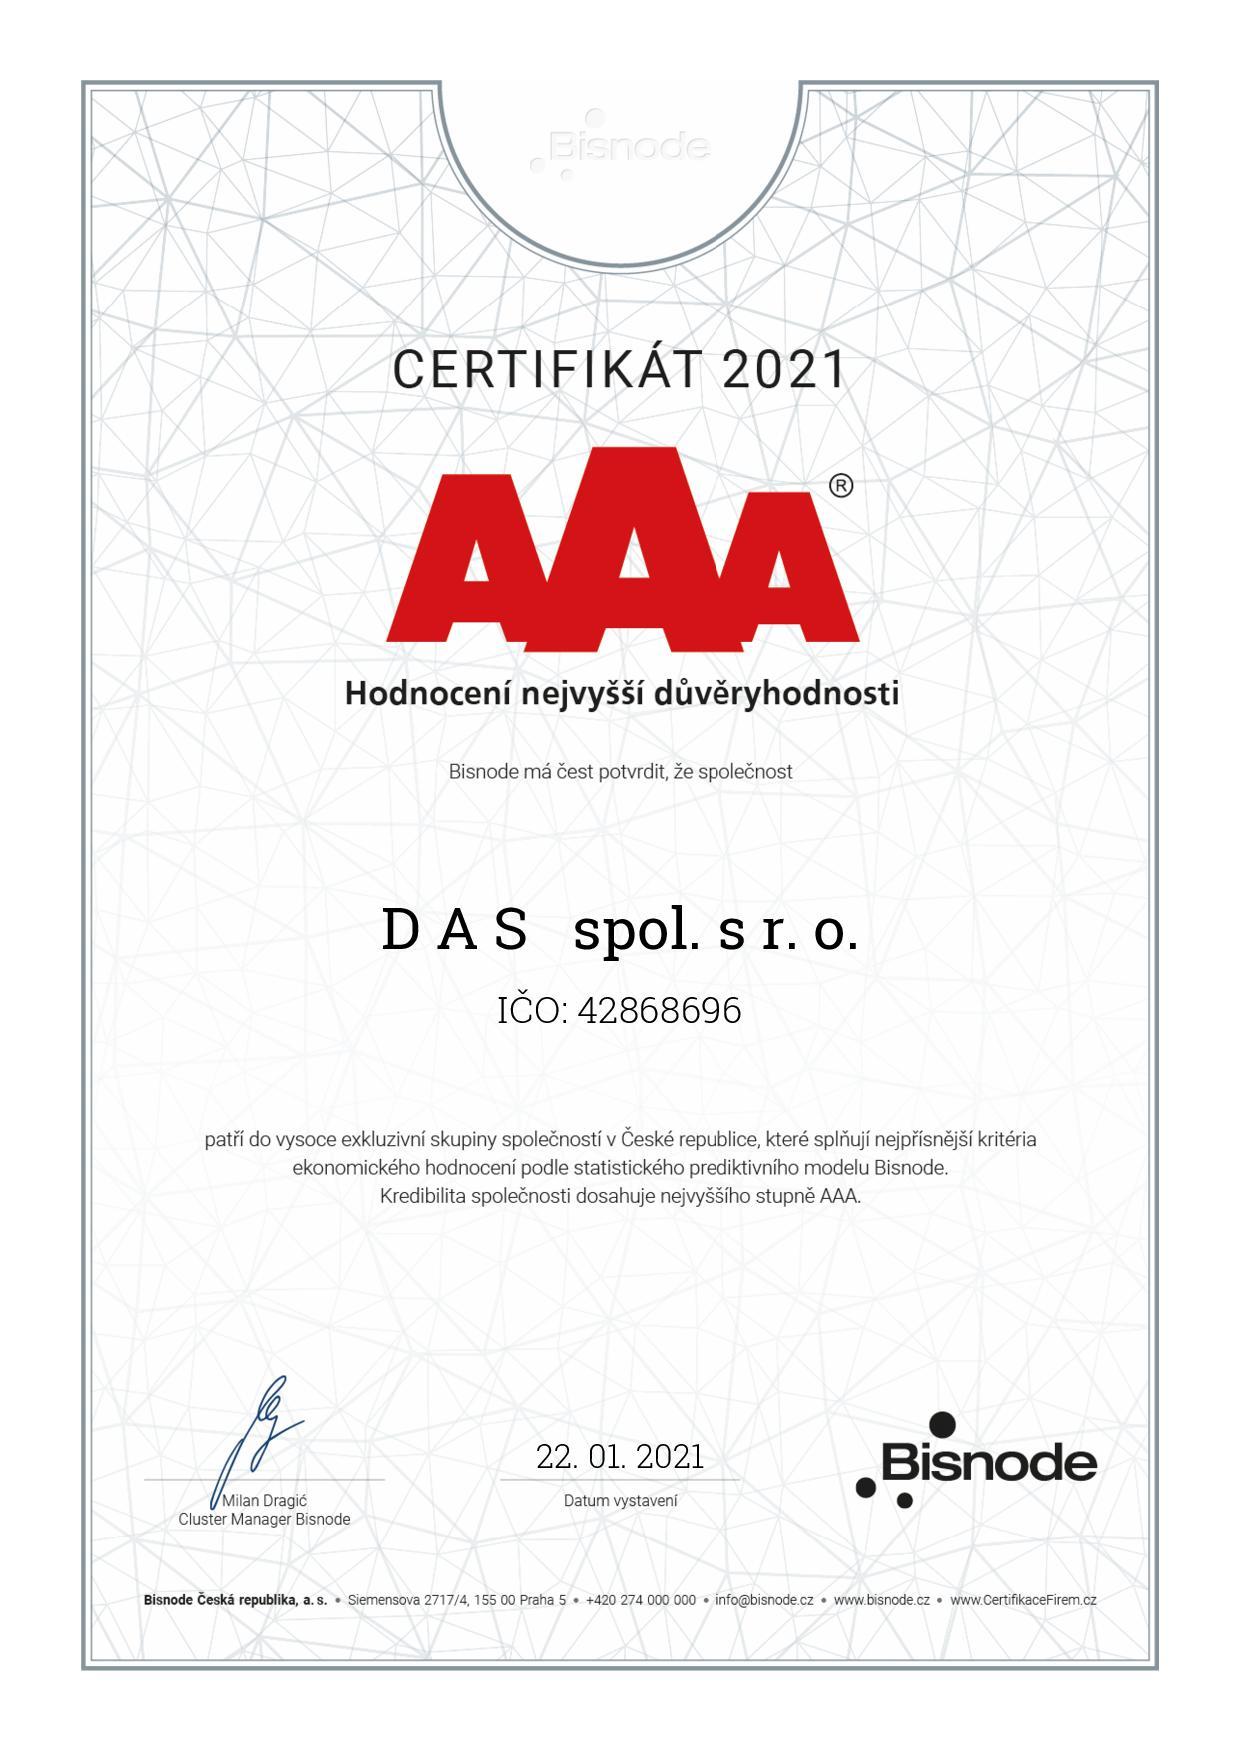 Certifikát Nejvyšší důvěryhodnosti AAA Bisnode